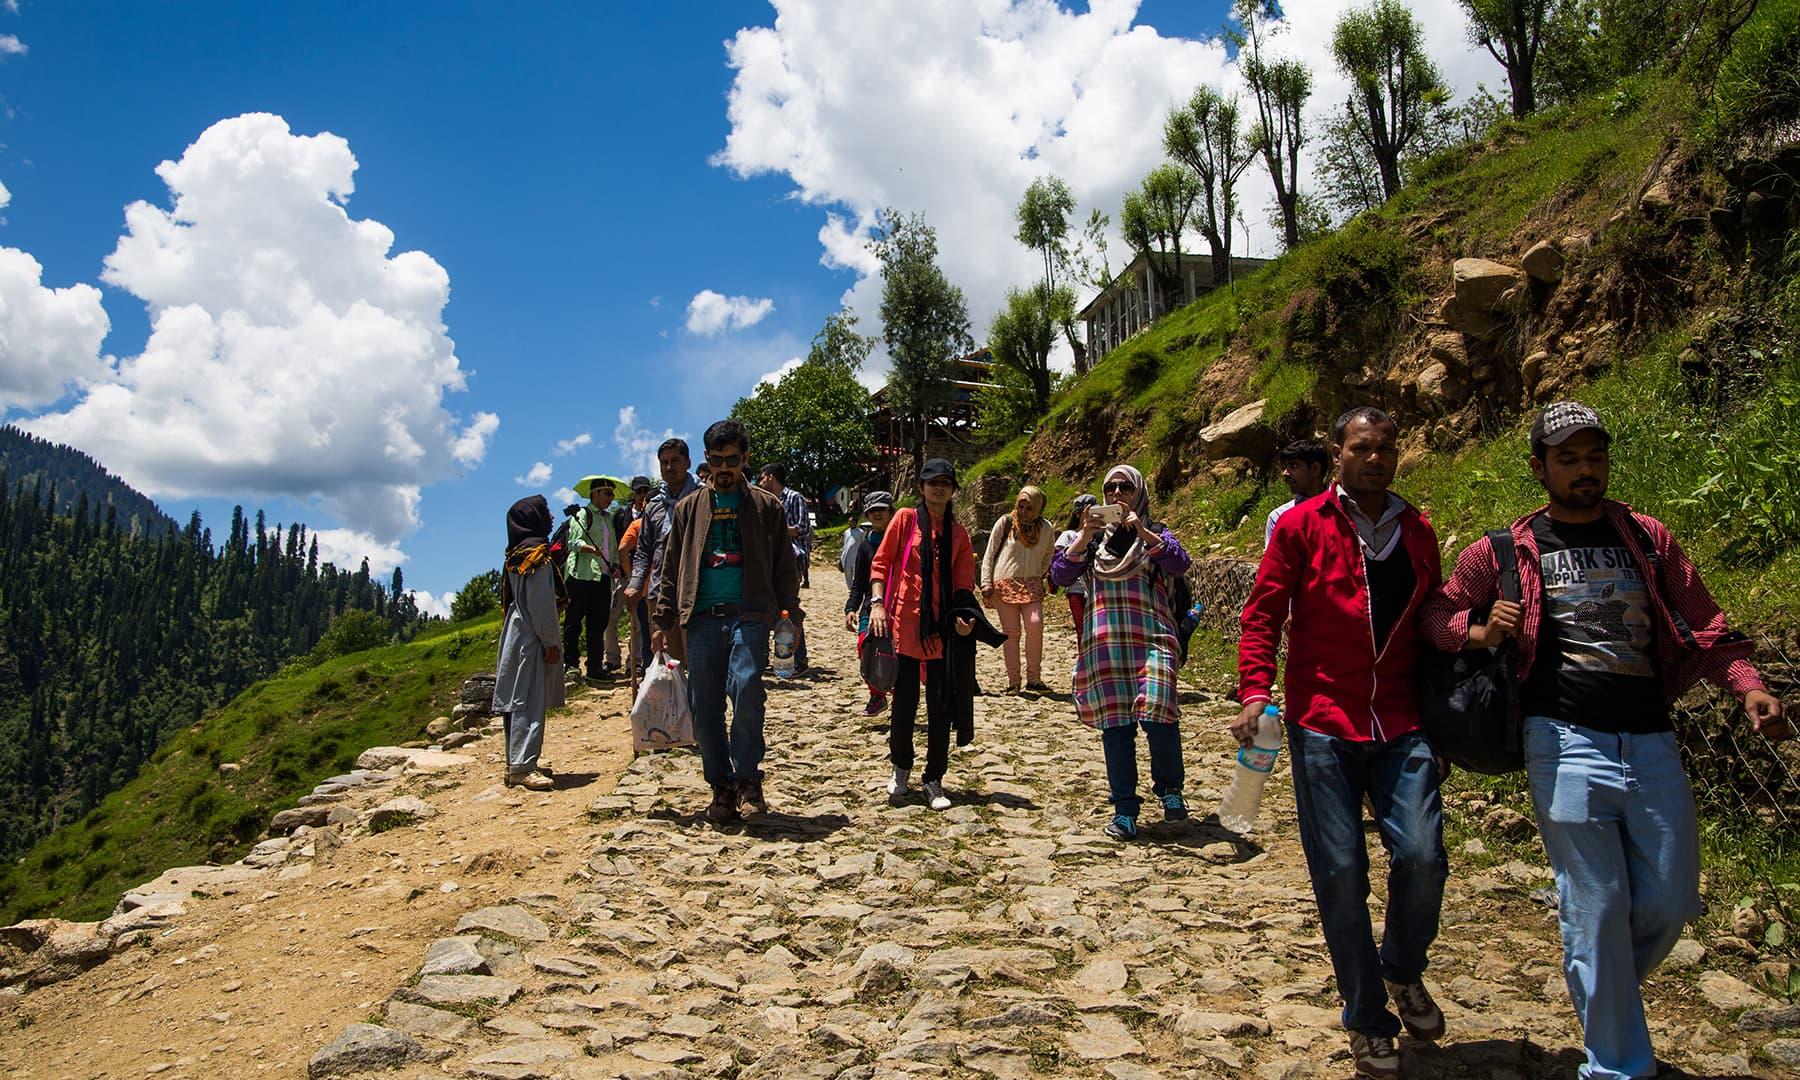 Trekking in Kel. —Marvi Soomro